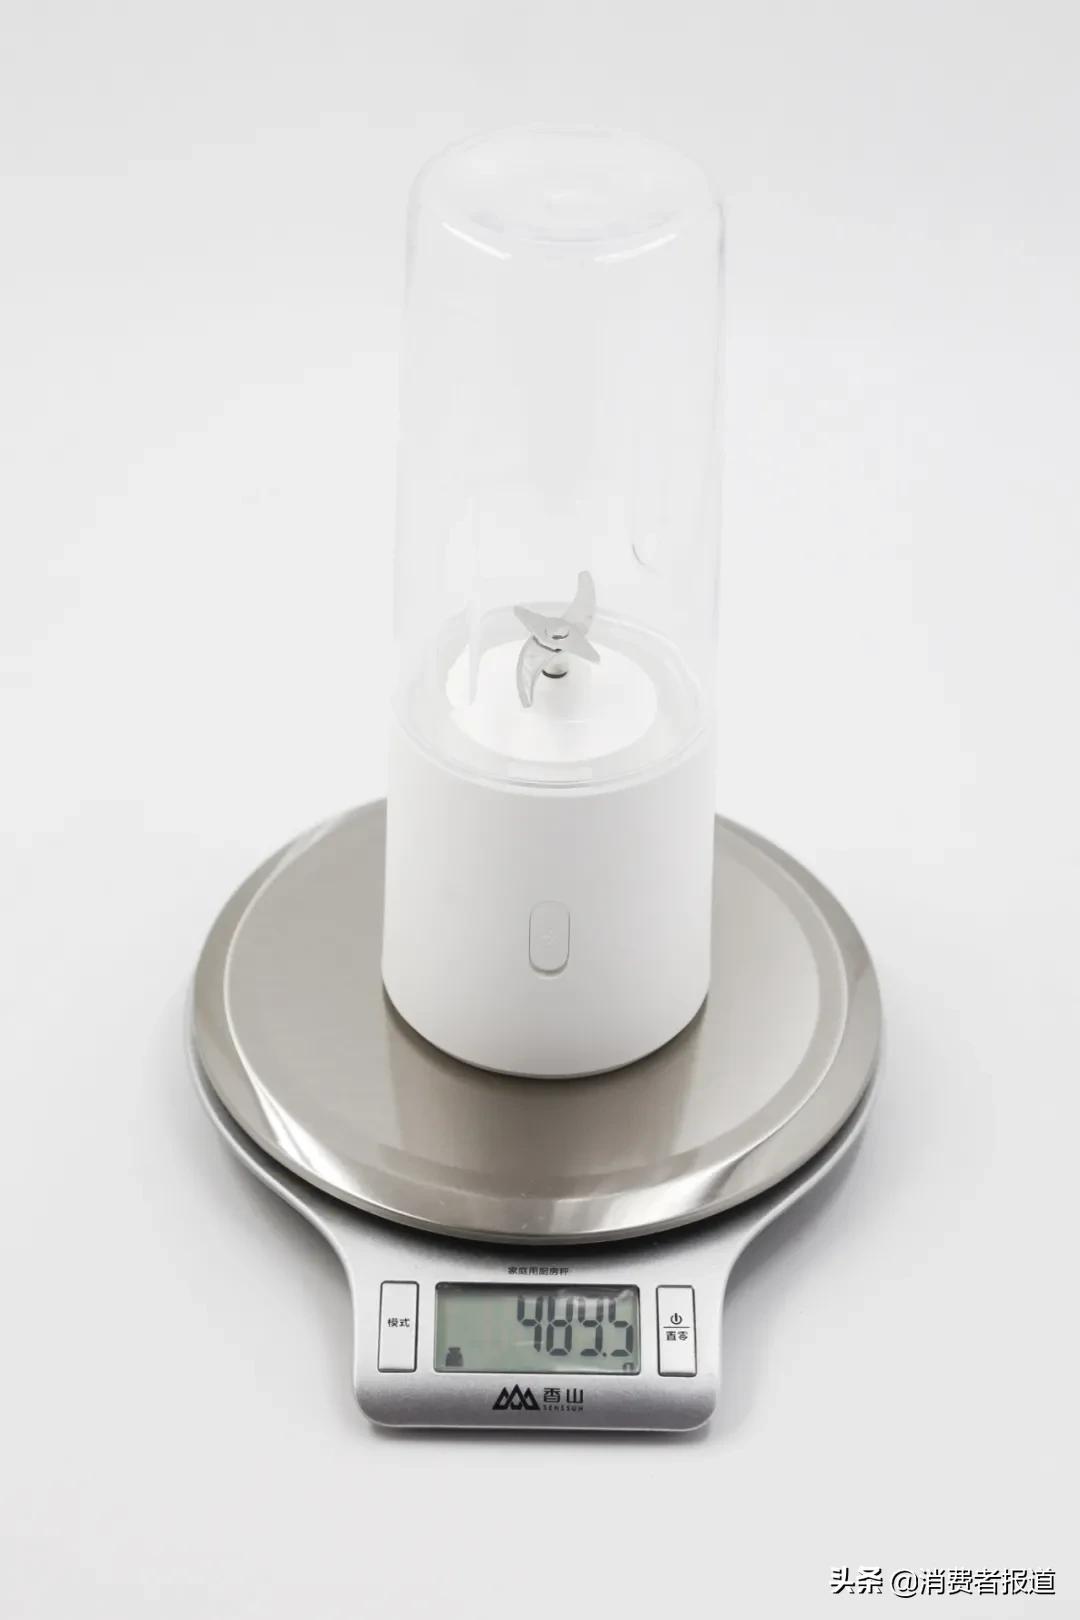 12款网红榨汁机测试:摩飞噪音大,美菱会漏水